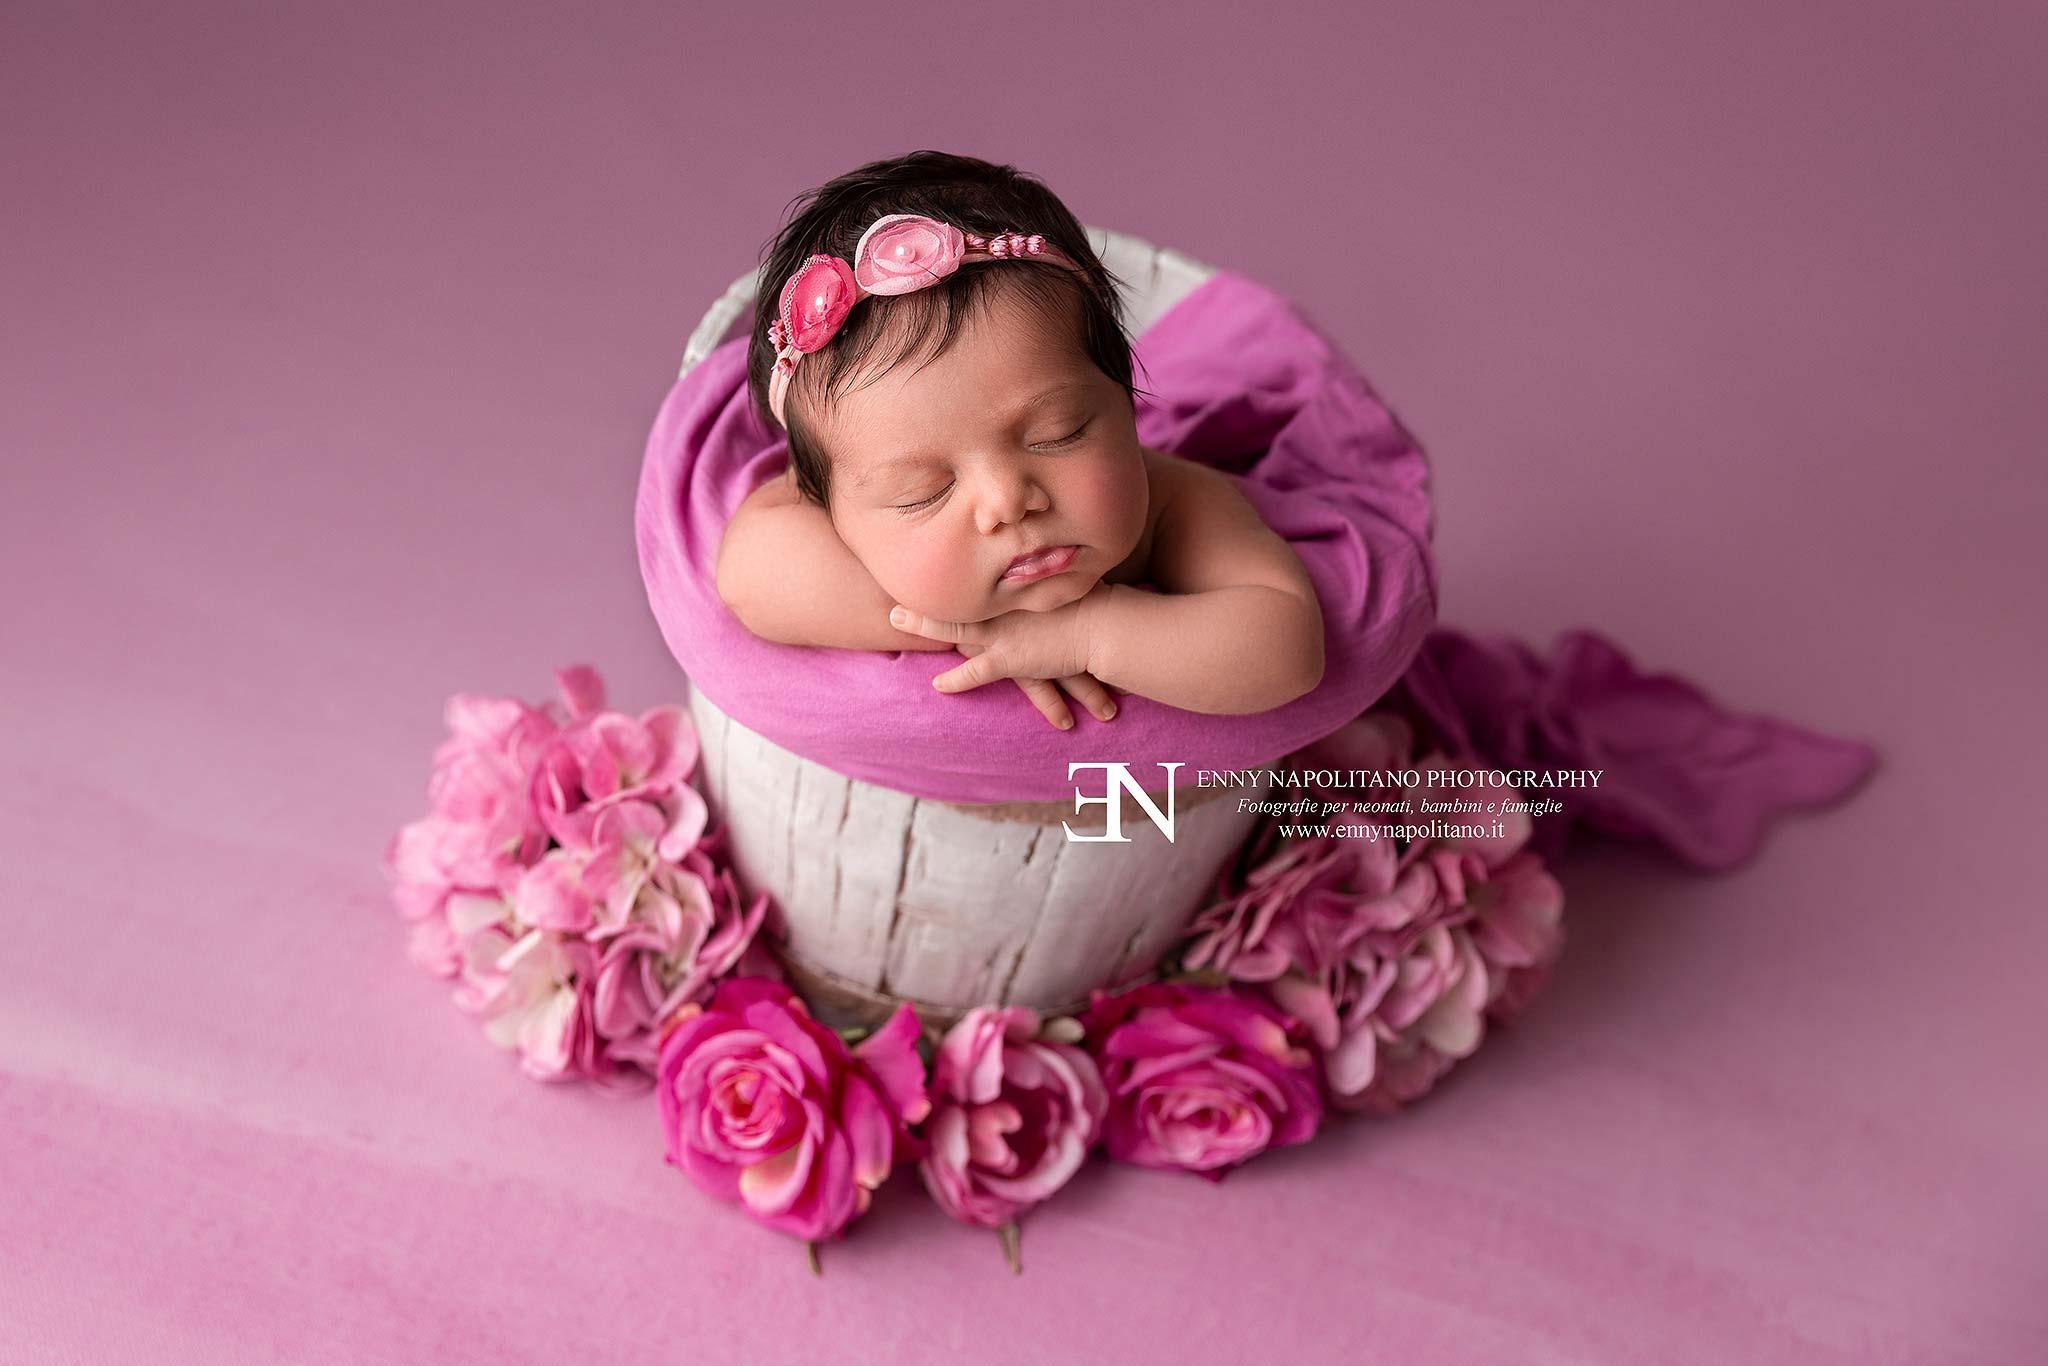 Fotografo di neonati newborn e bambini a Milano, Pavia, Monza, Bergamo, Varese